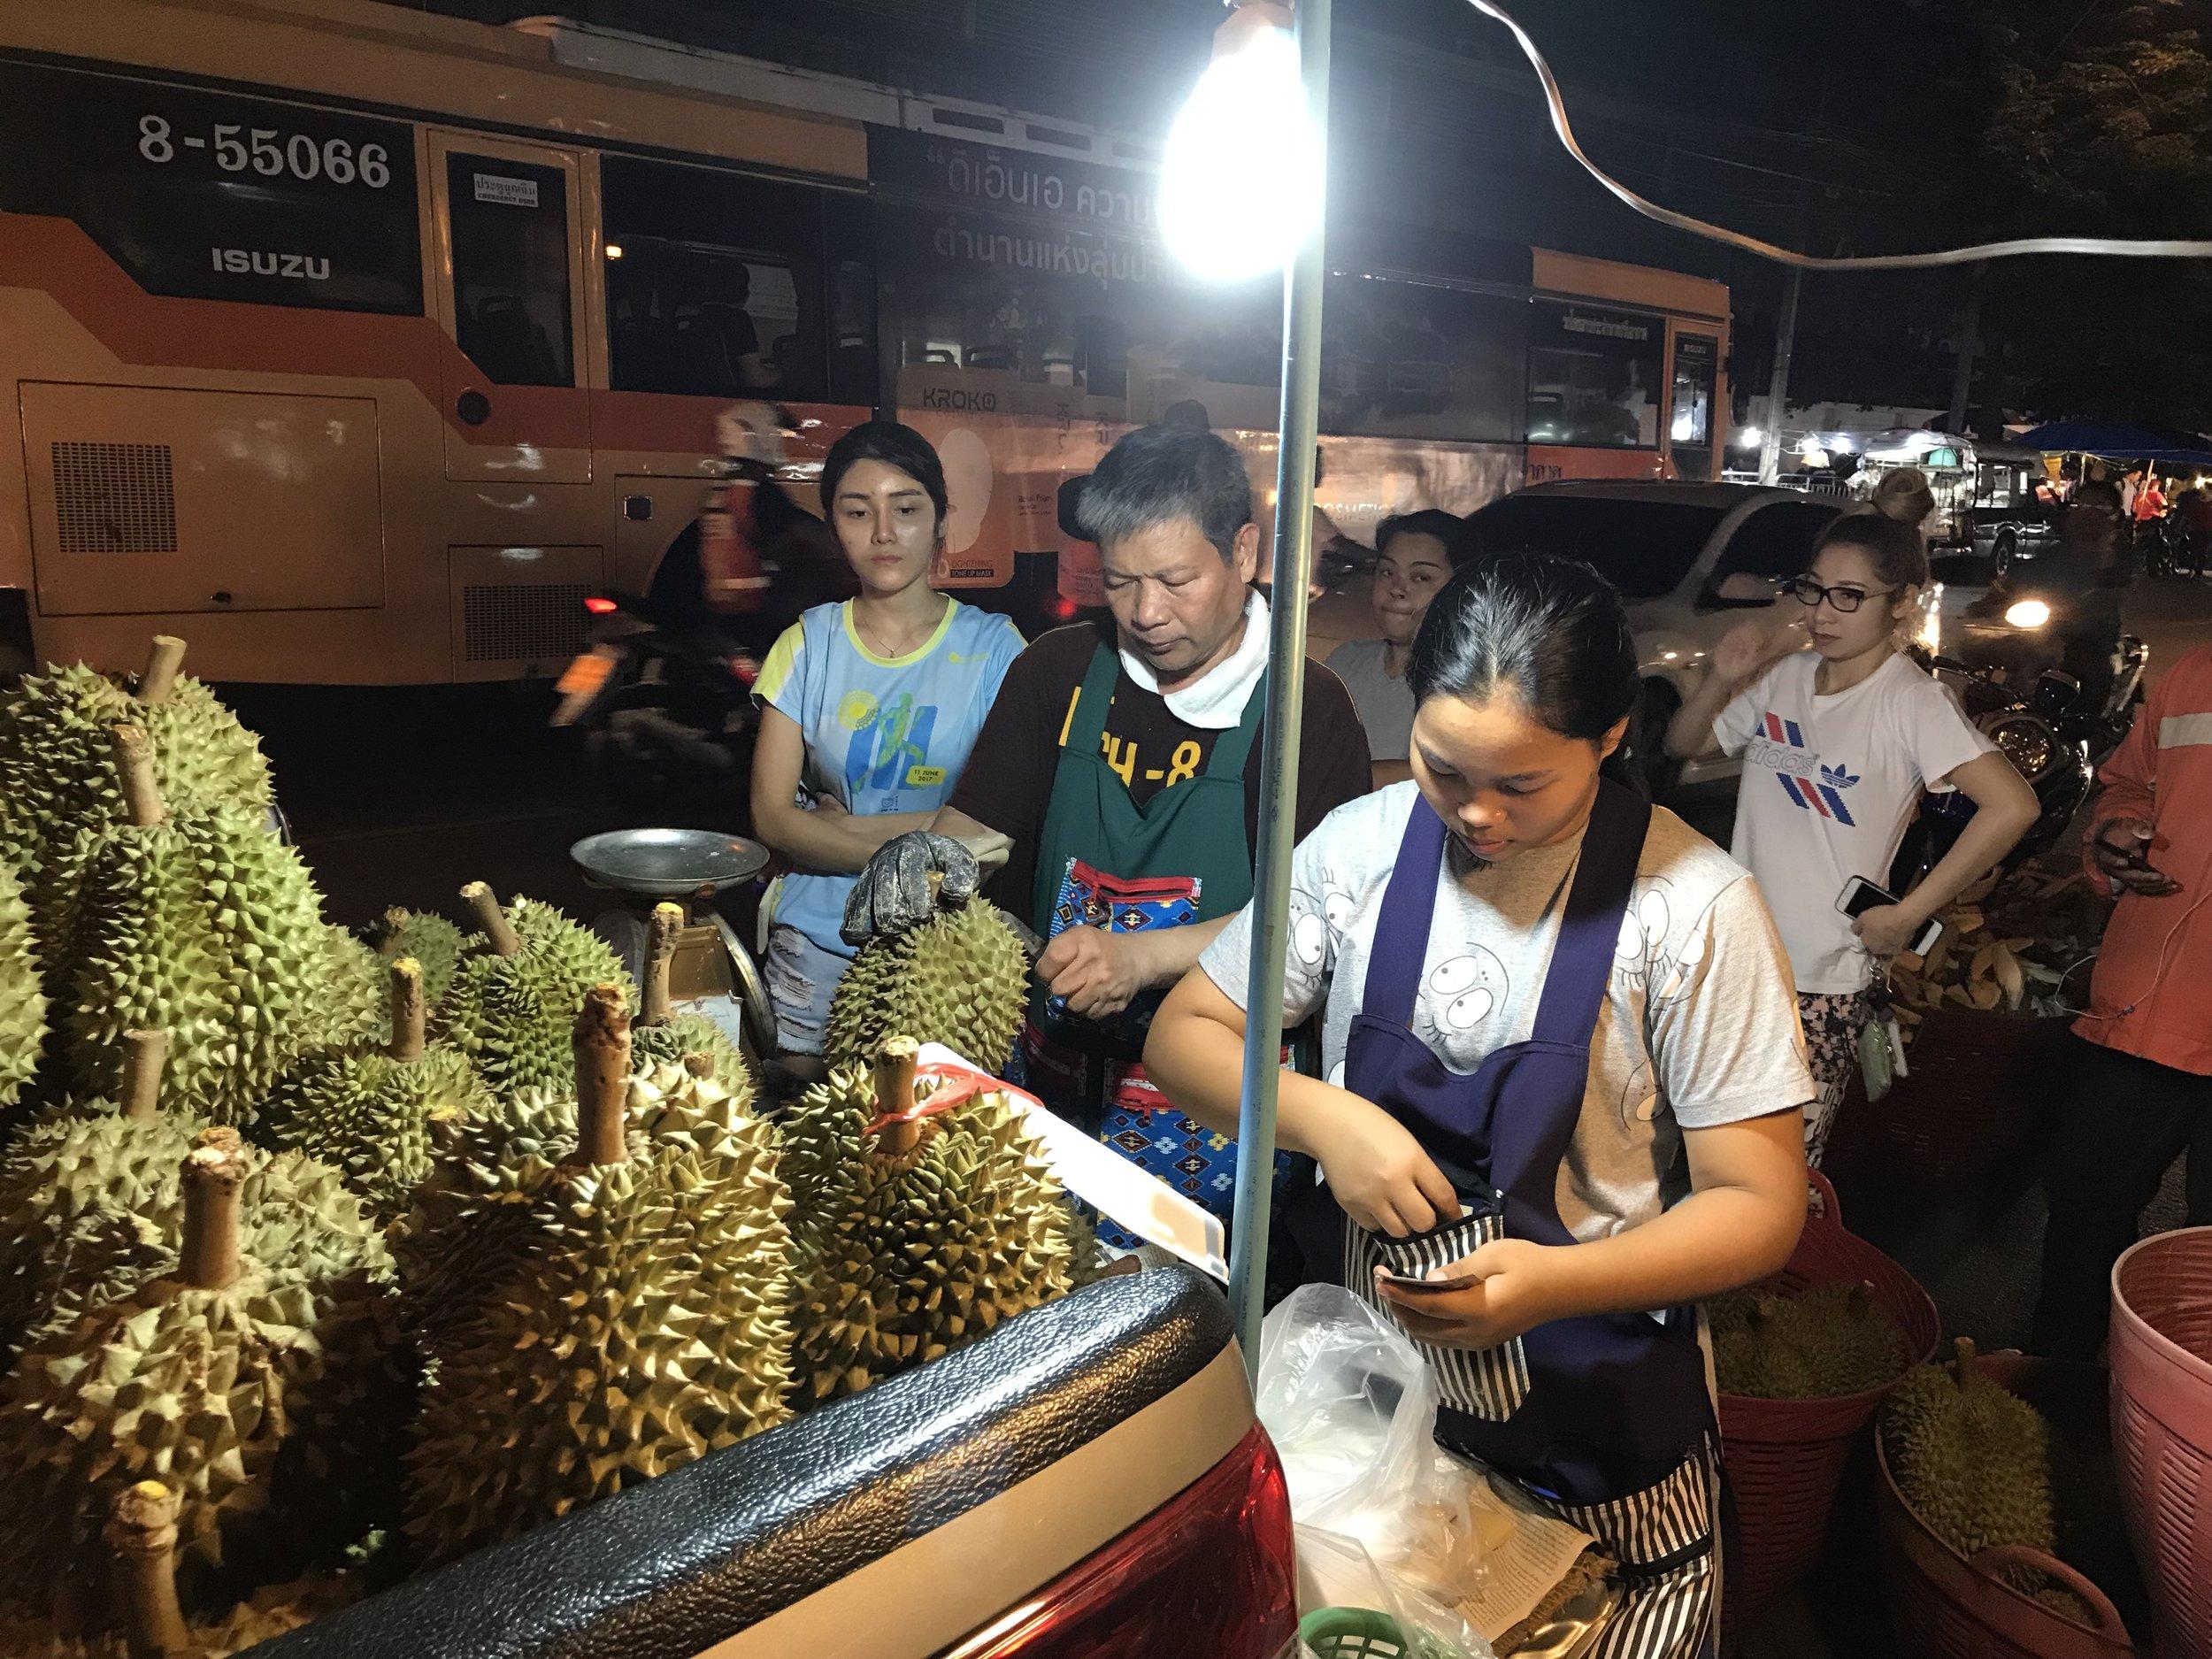 24hourkitchen-travel-thailand-bangkok-fruit-ortorkormarket-ganyao-durian